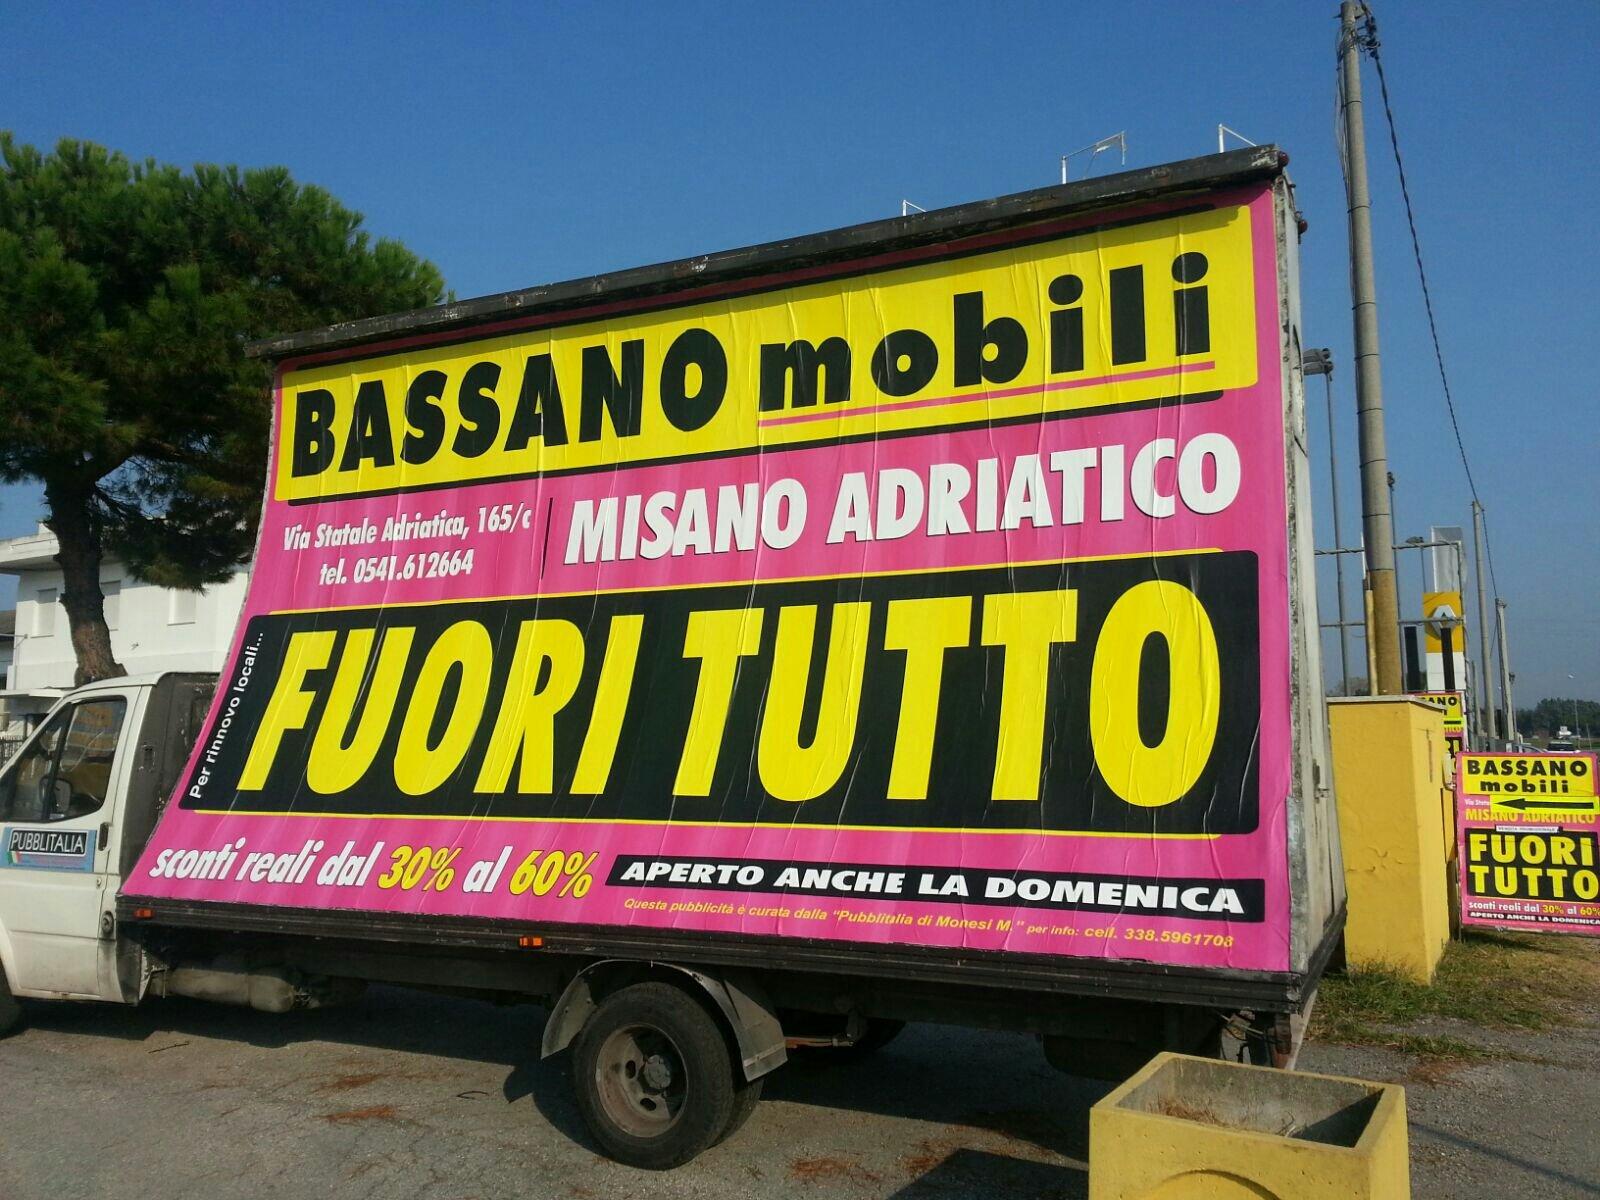 furgone con cartellone pubblicitario giallo e rosa